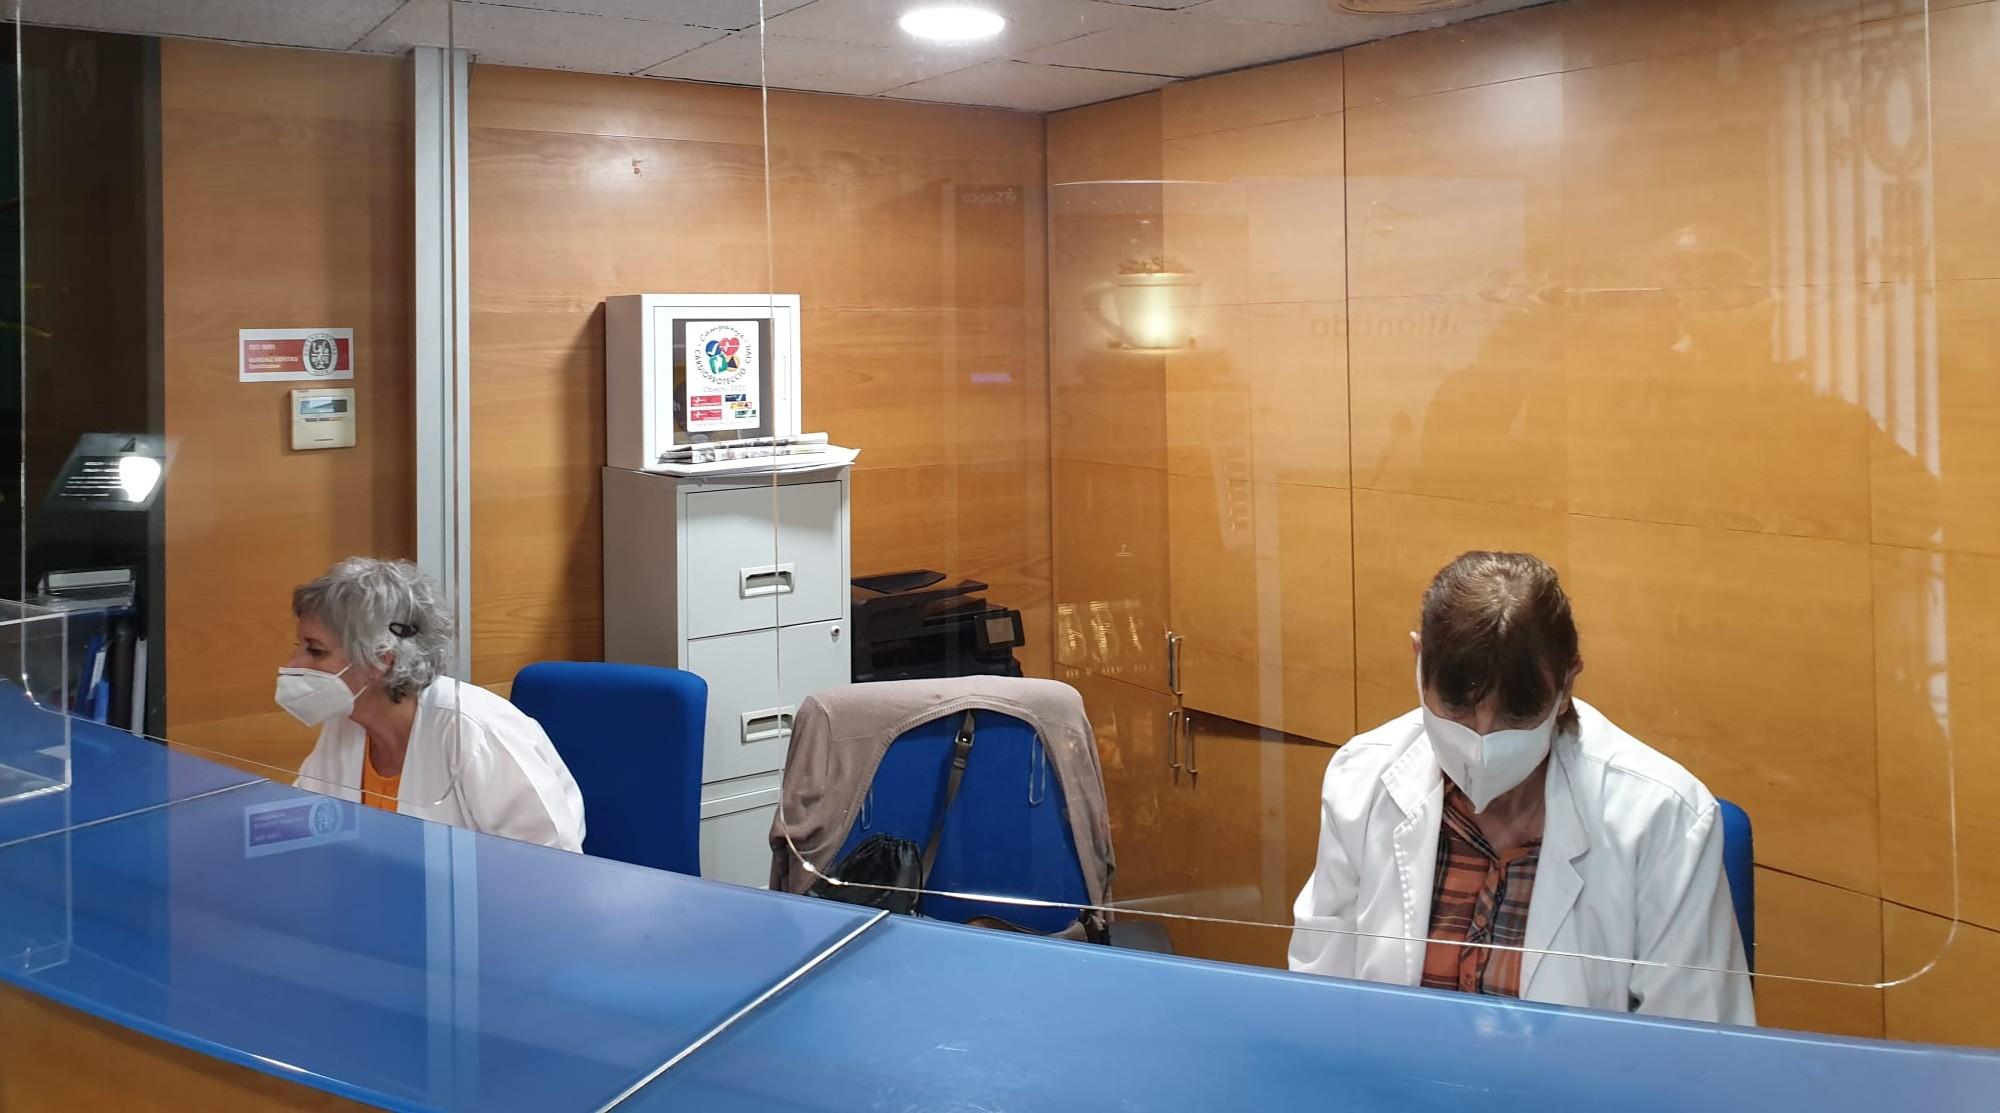 Centre Mèdic Atlàntida